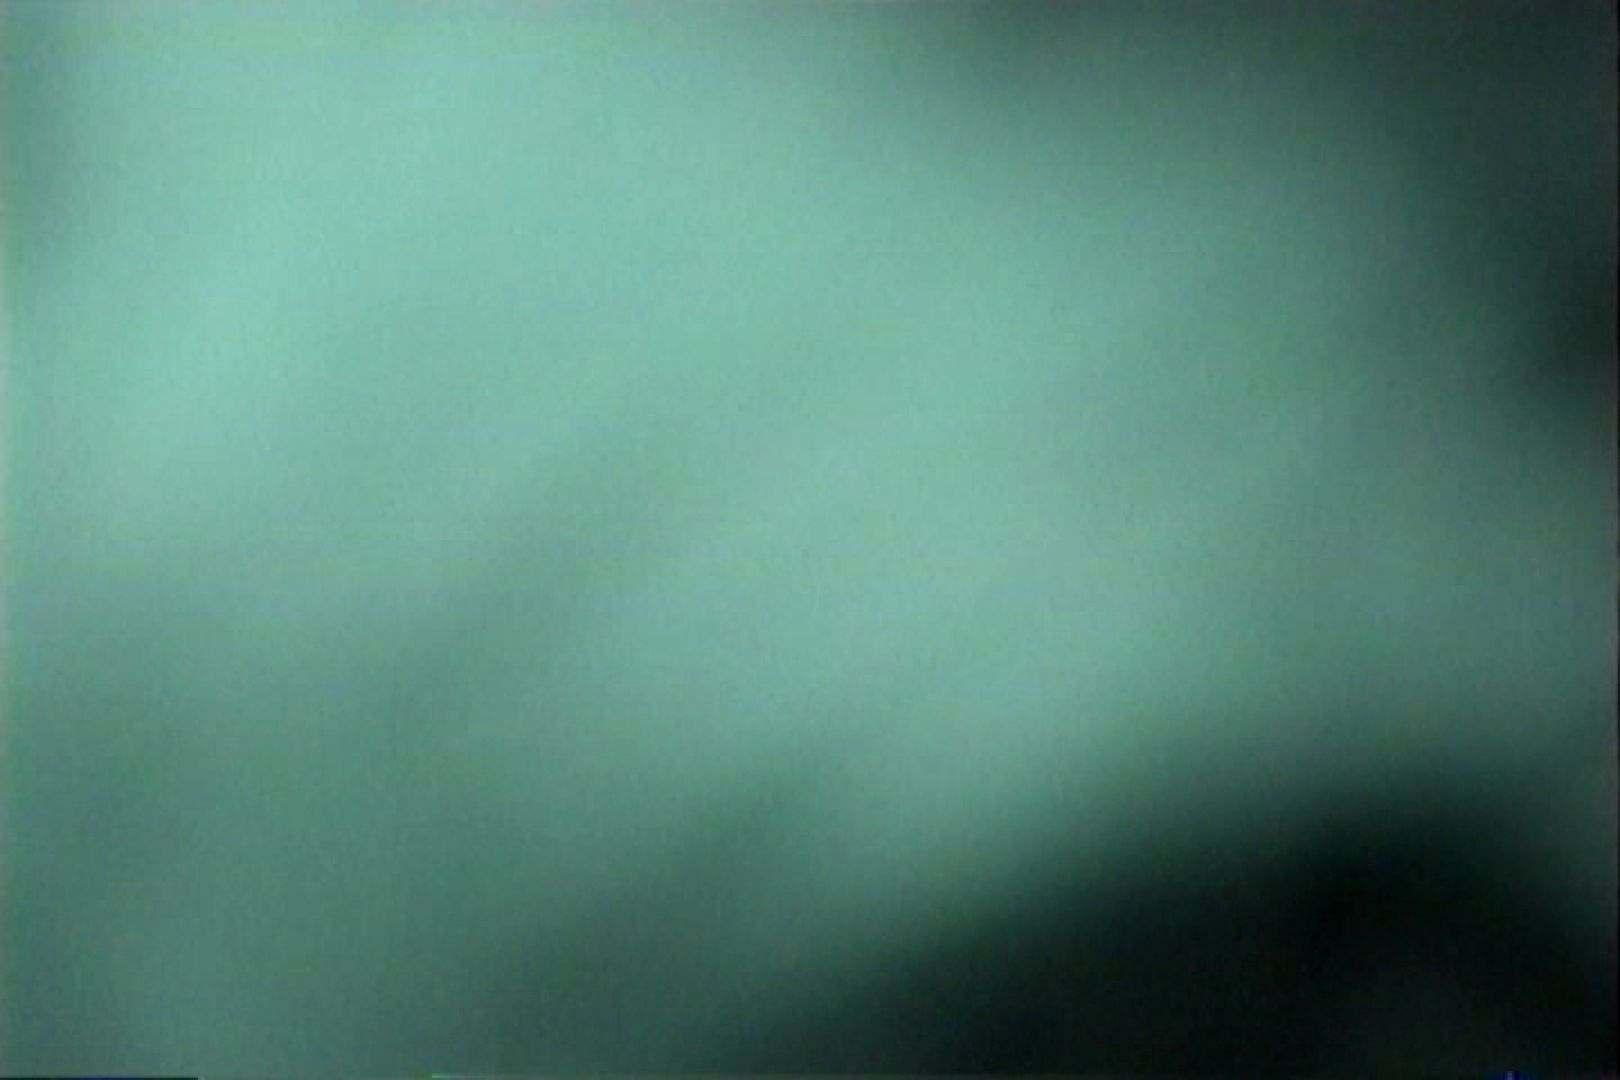 充血監督の深夜の運動会Vol.142 おまんこ丸見え | OL女体  103連発 41